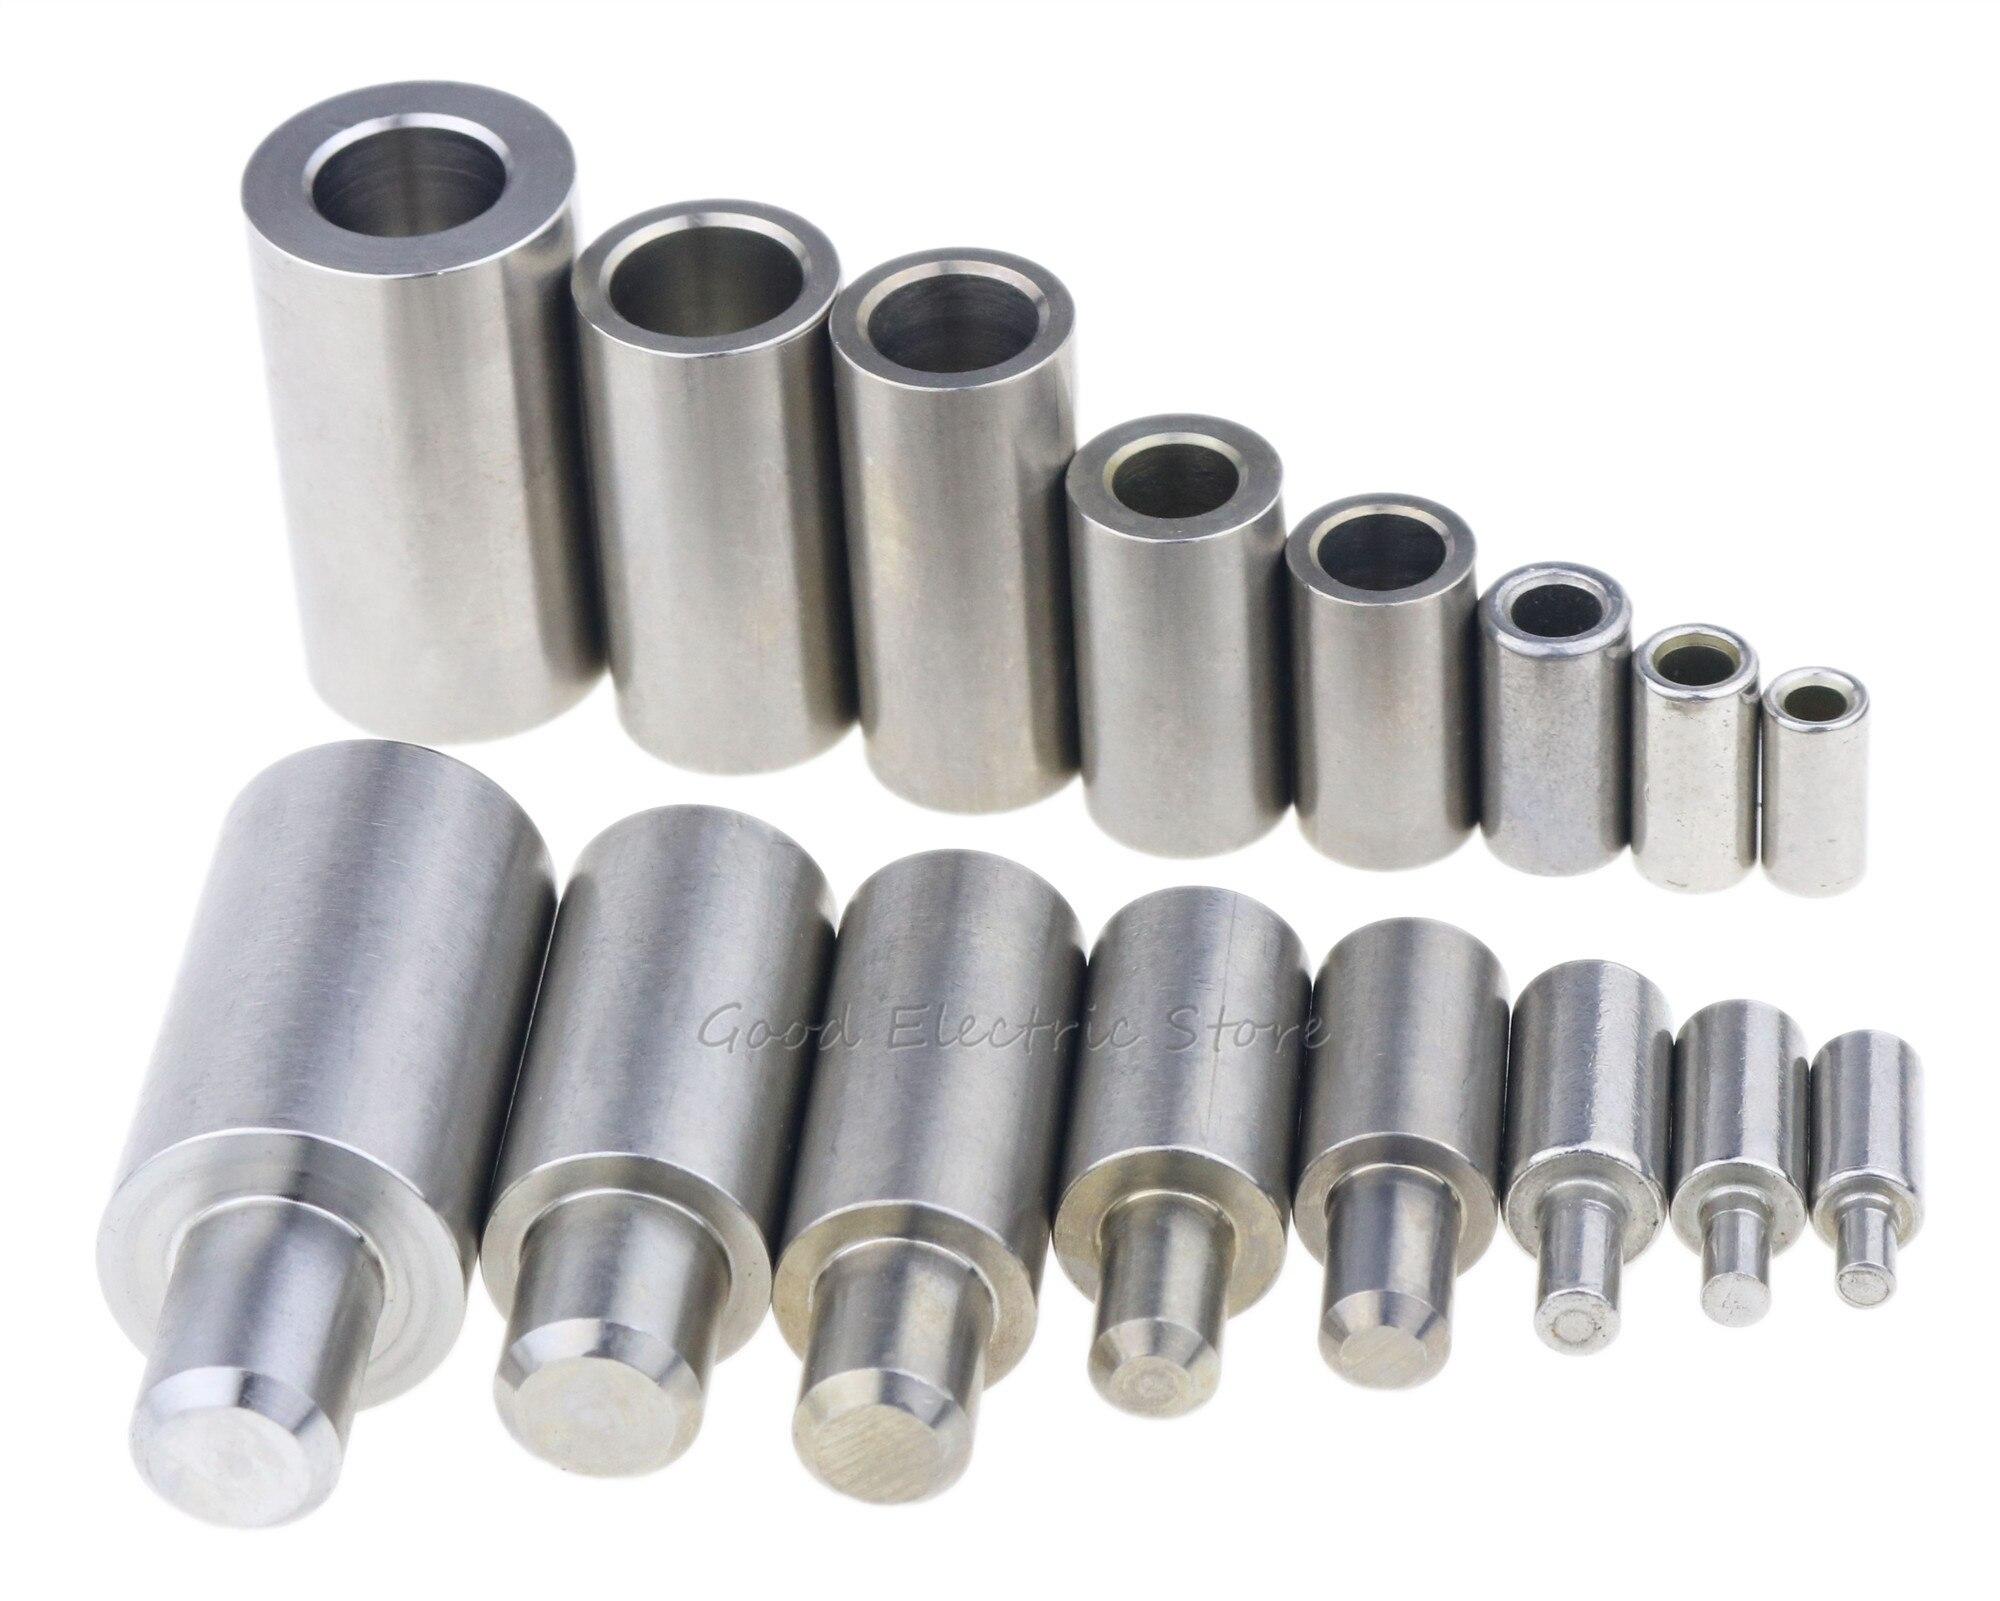 201 Stainless Steel Door Shaft, Welded Hinged Cylindrical Door Shaft 25X90mm 20X80mm 10X37mm 8X32mm Removal Door Shaft Hinges